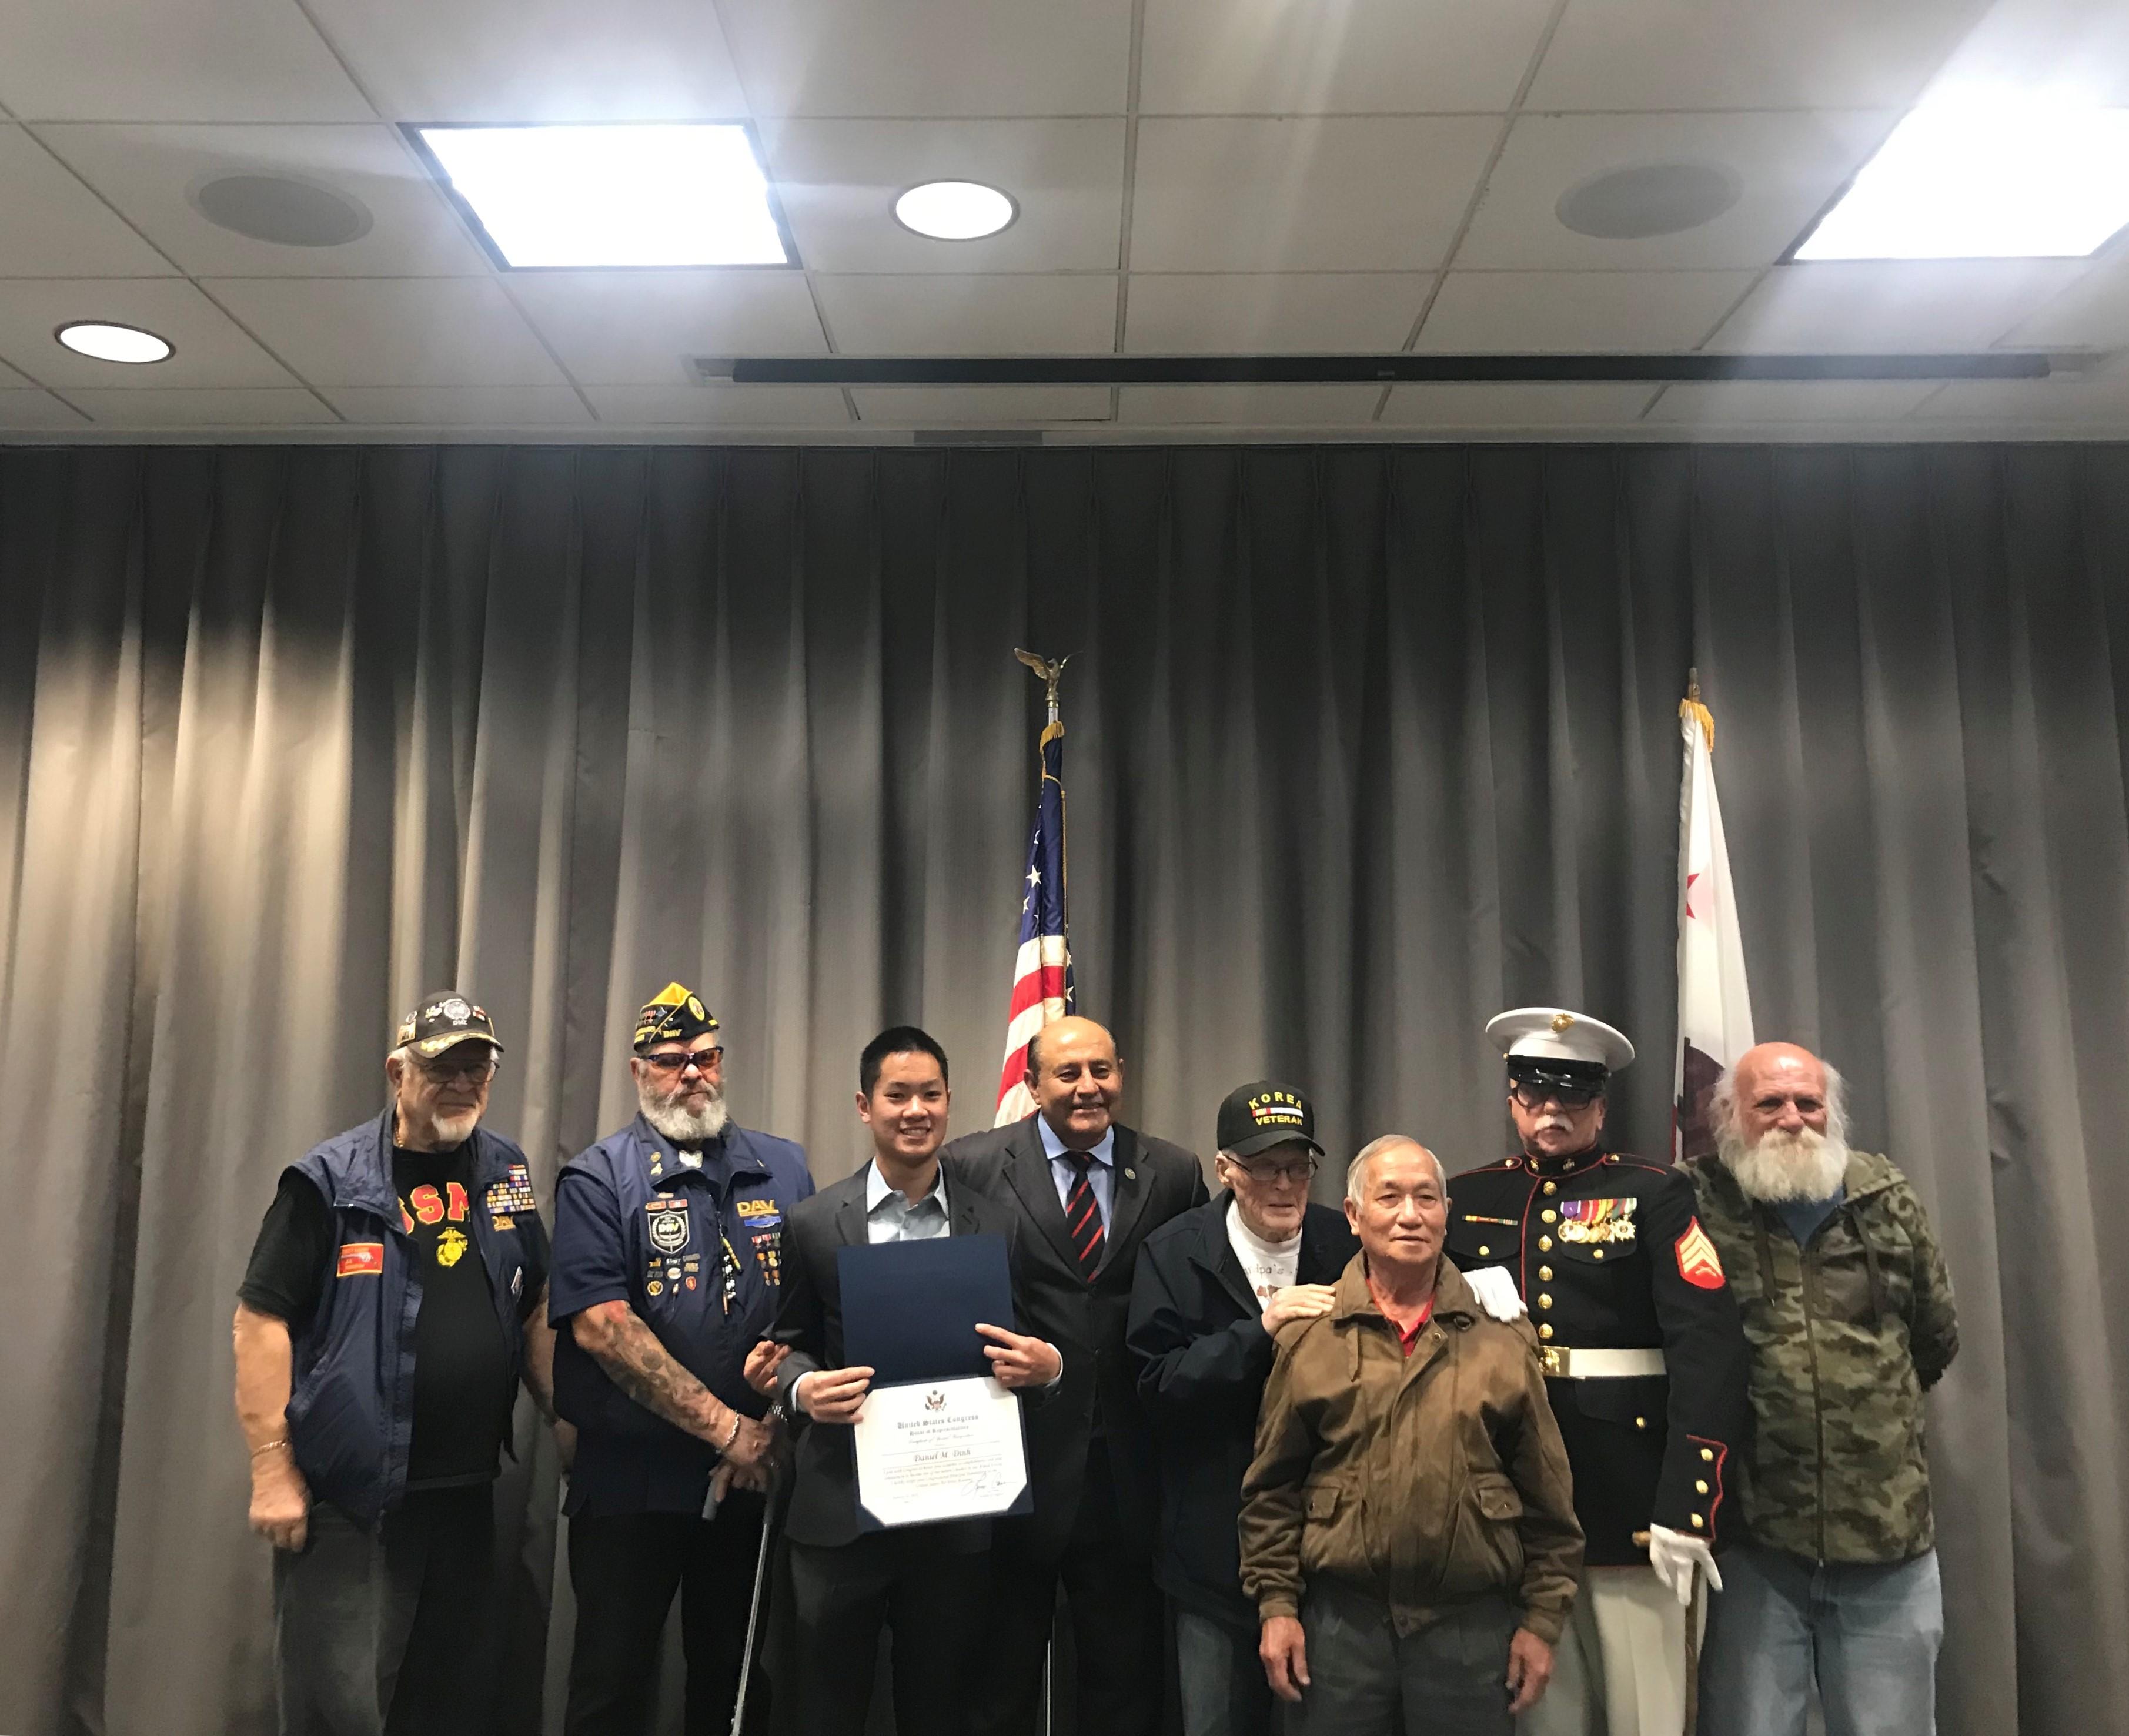 Dân biểu Lou Correa vinh danh các học sinh gốc Việt được đề cử vào học viện quân sự